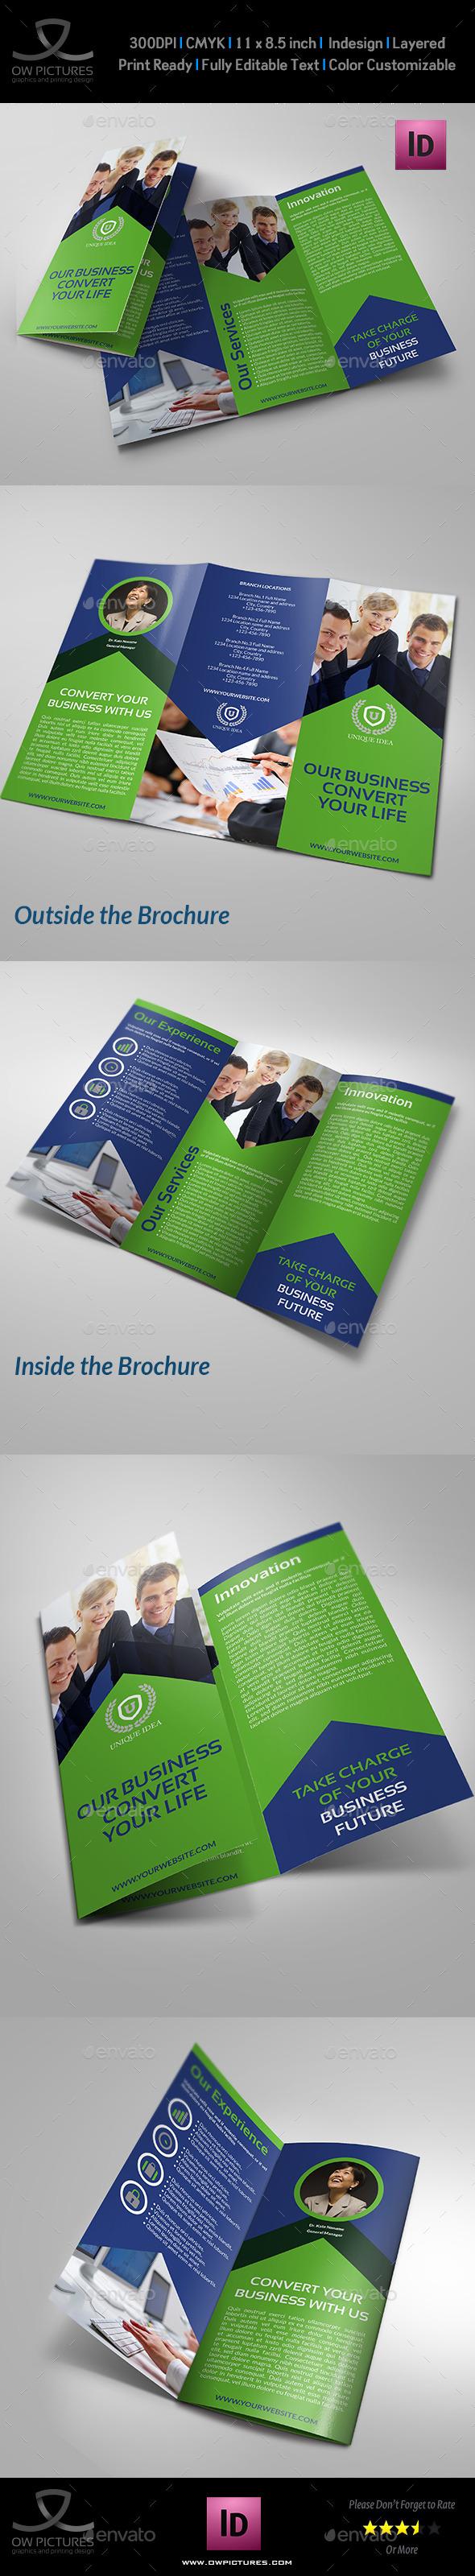 Corporate Brochure Tri-Fold Template Vol.13 - Corporate Brochures